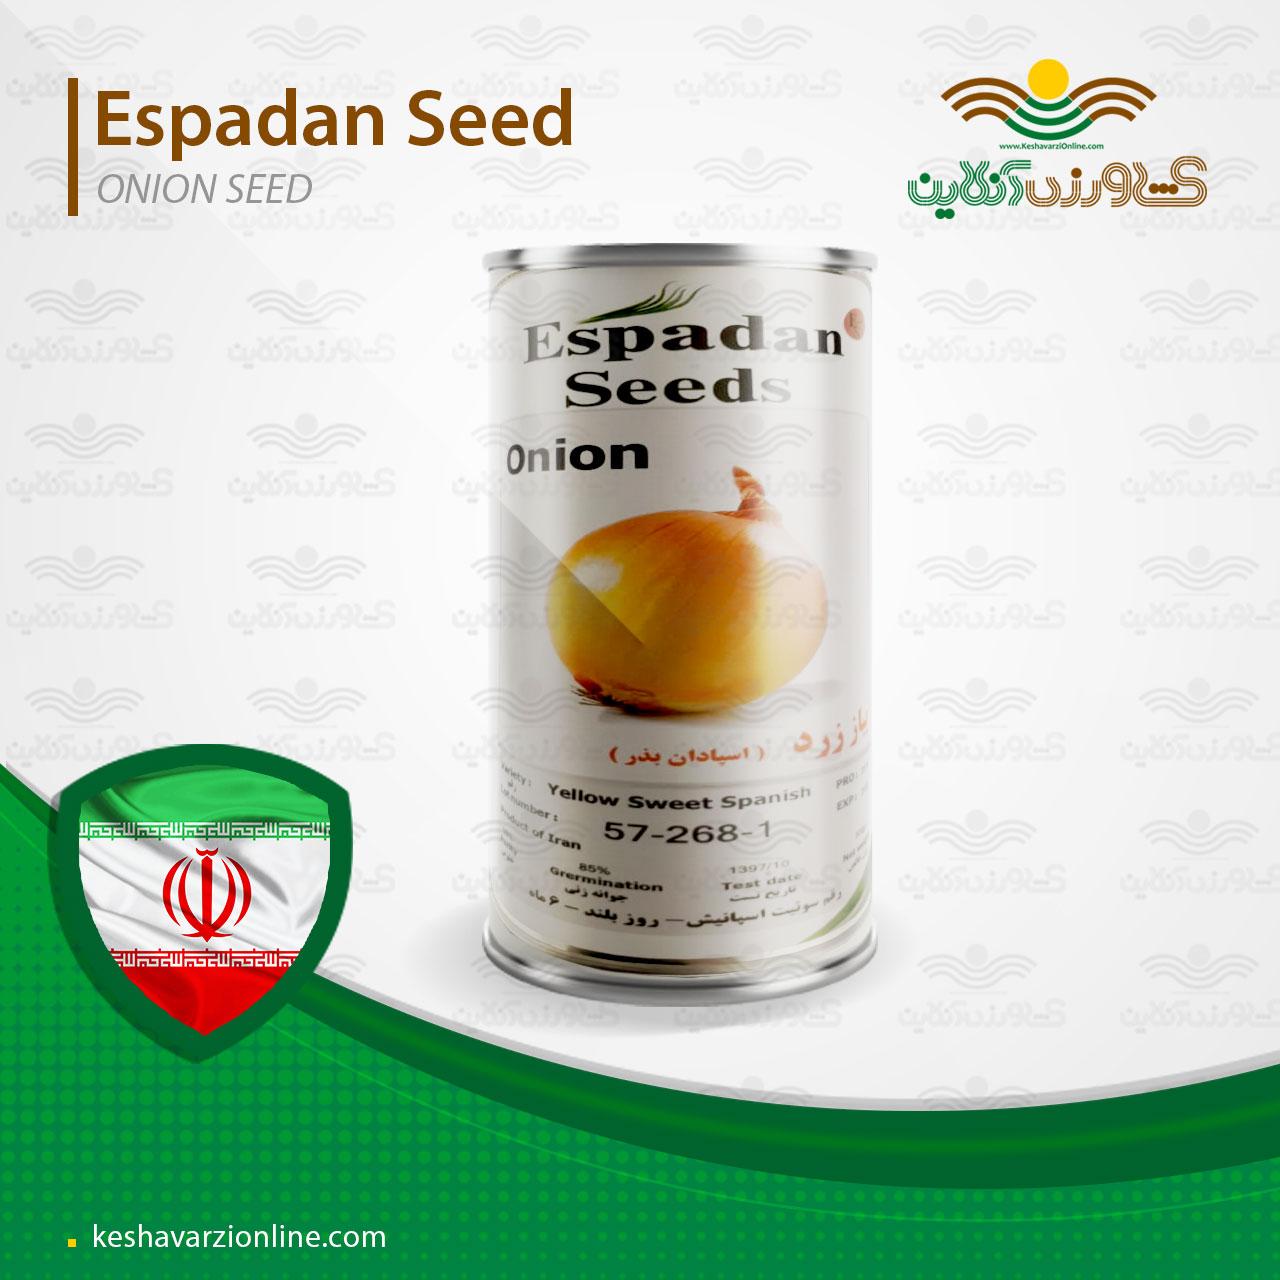 بذر پیاز زرد روز بلند سوییت اسپنیش شرکت اسپادان بذر ایران